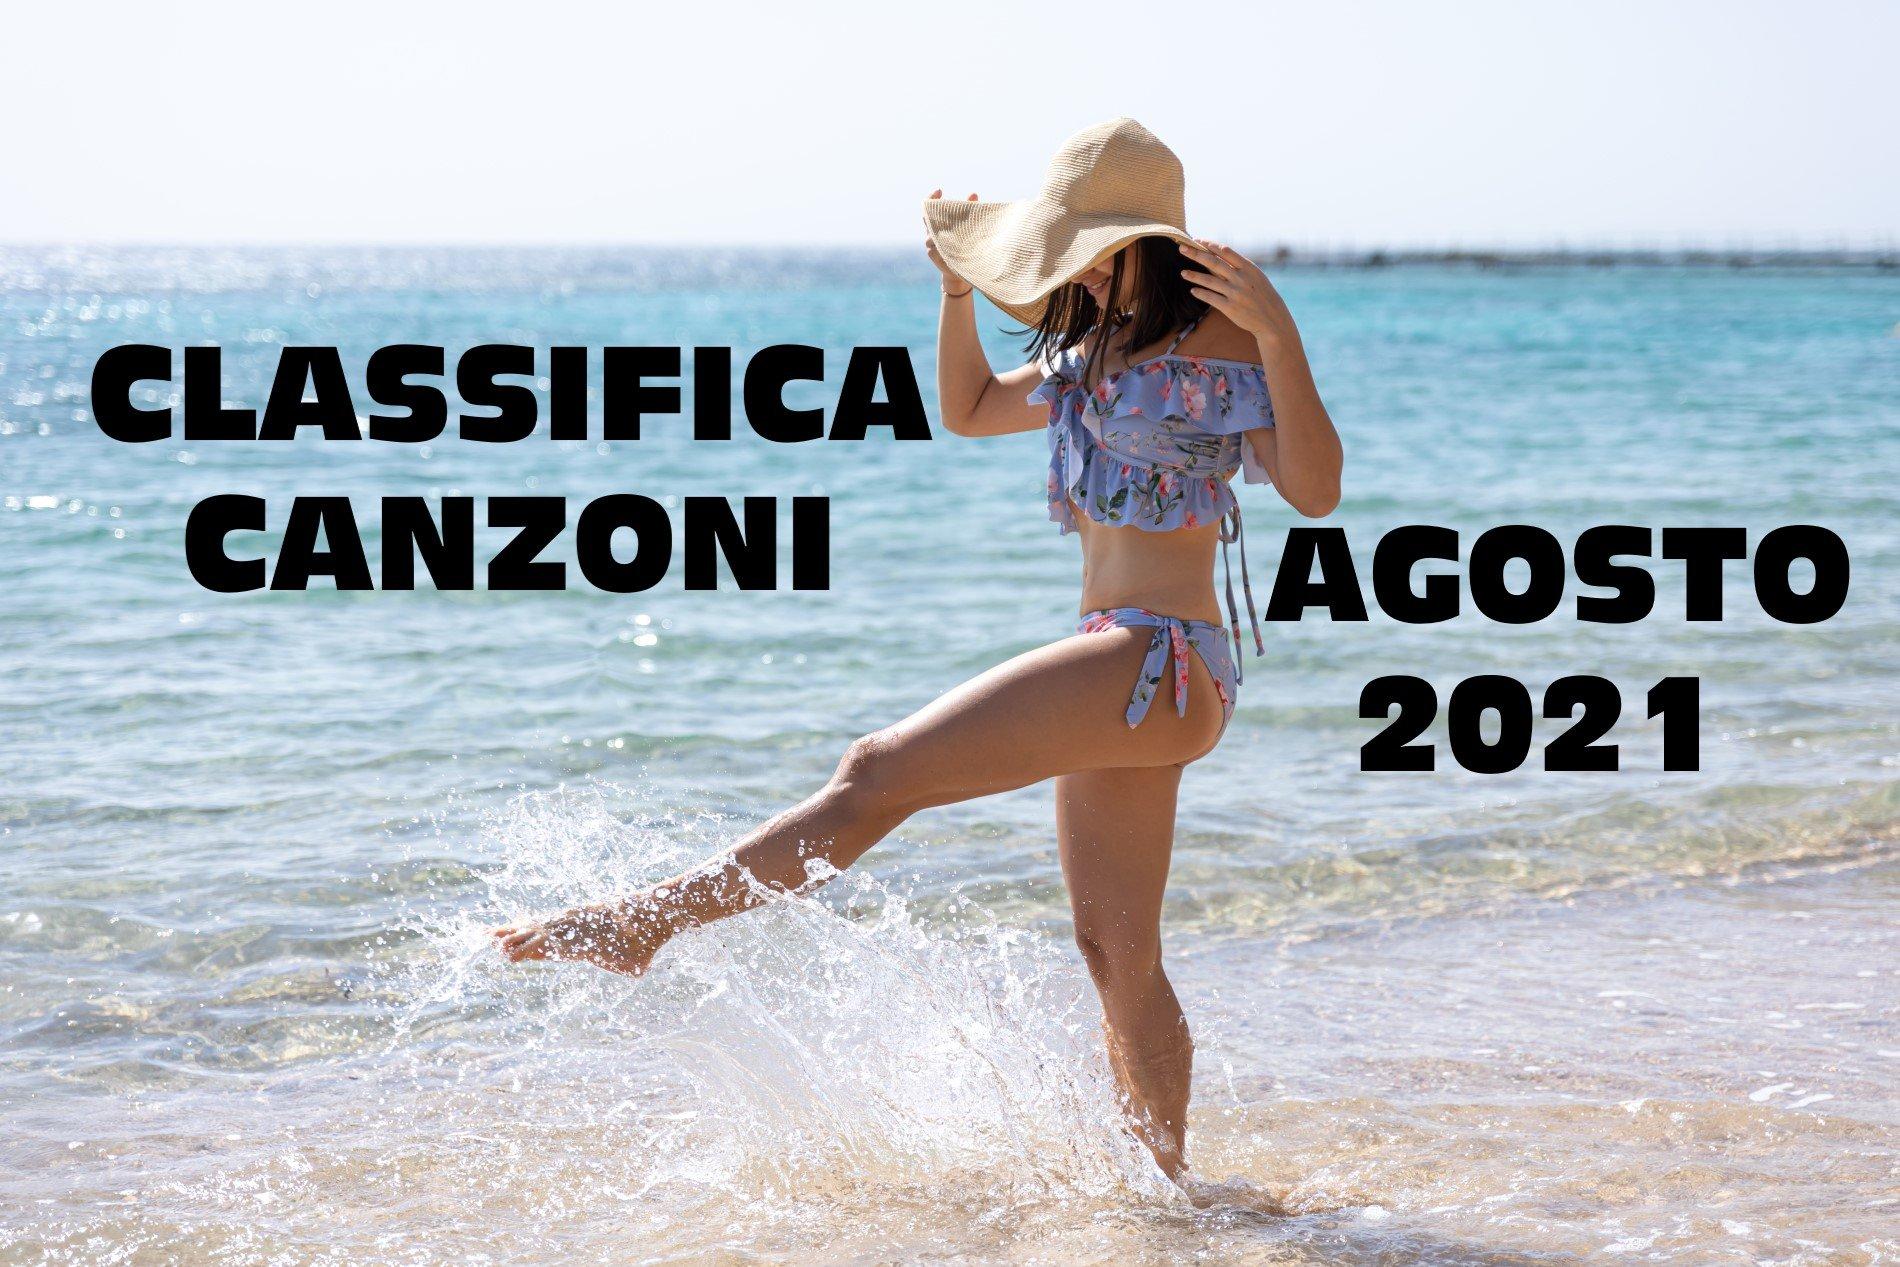 CLASSIFICA CANZONI AGOSTO 2021 – LA MIGLIORE MUSICA DEL MOMENTO AGOSTO 2021